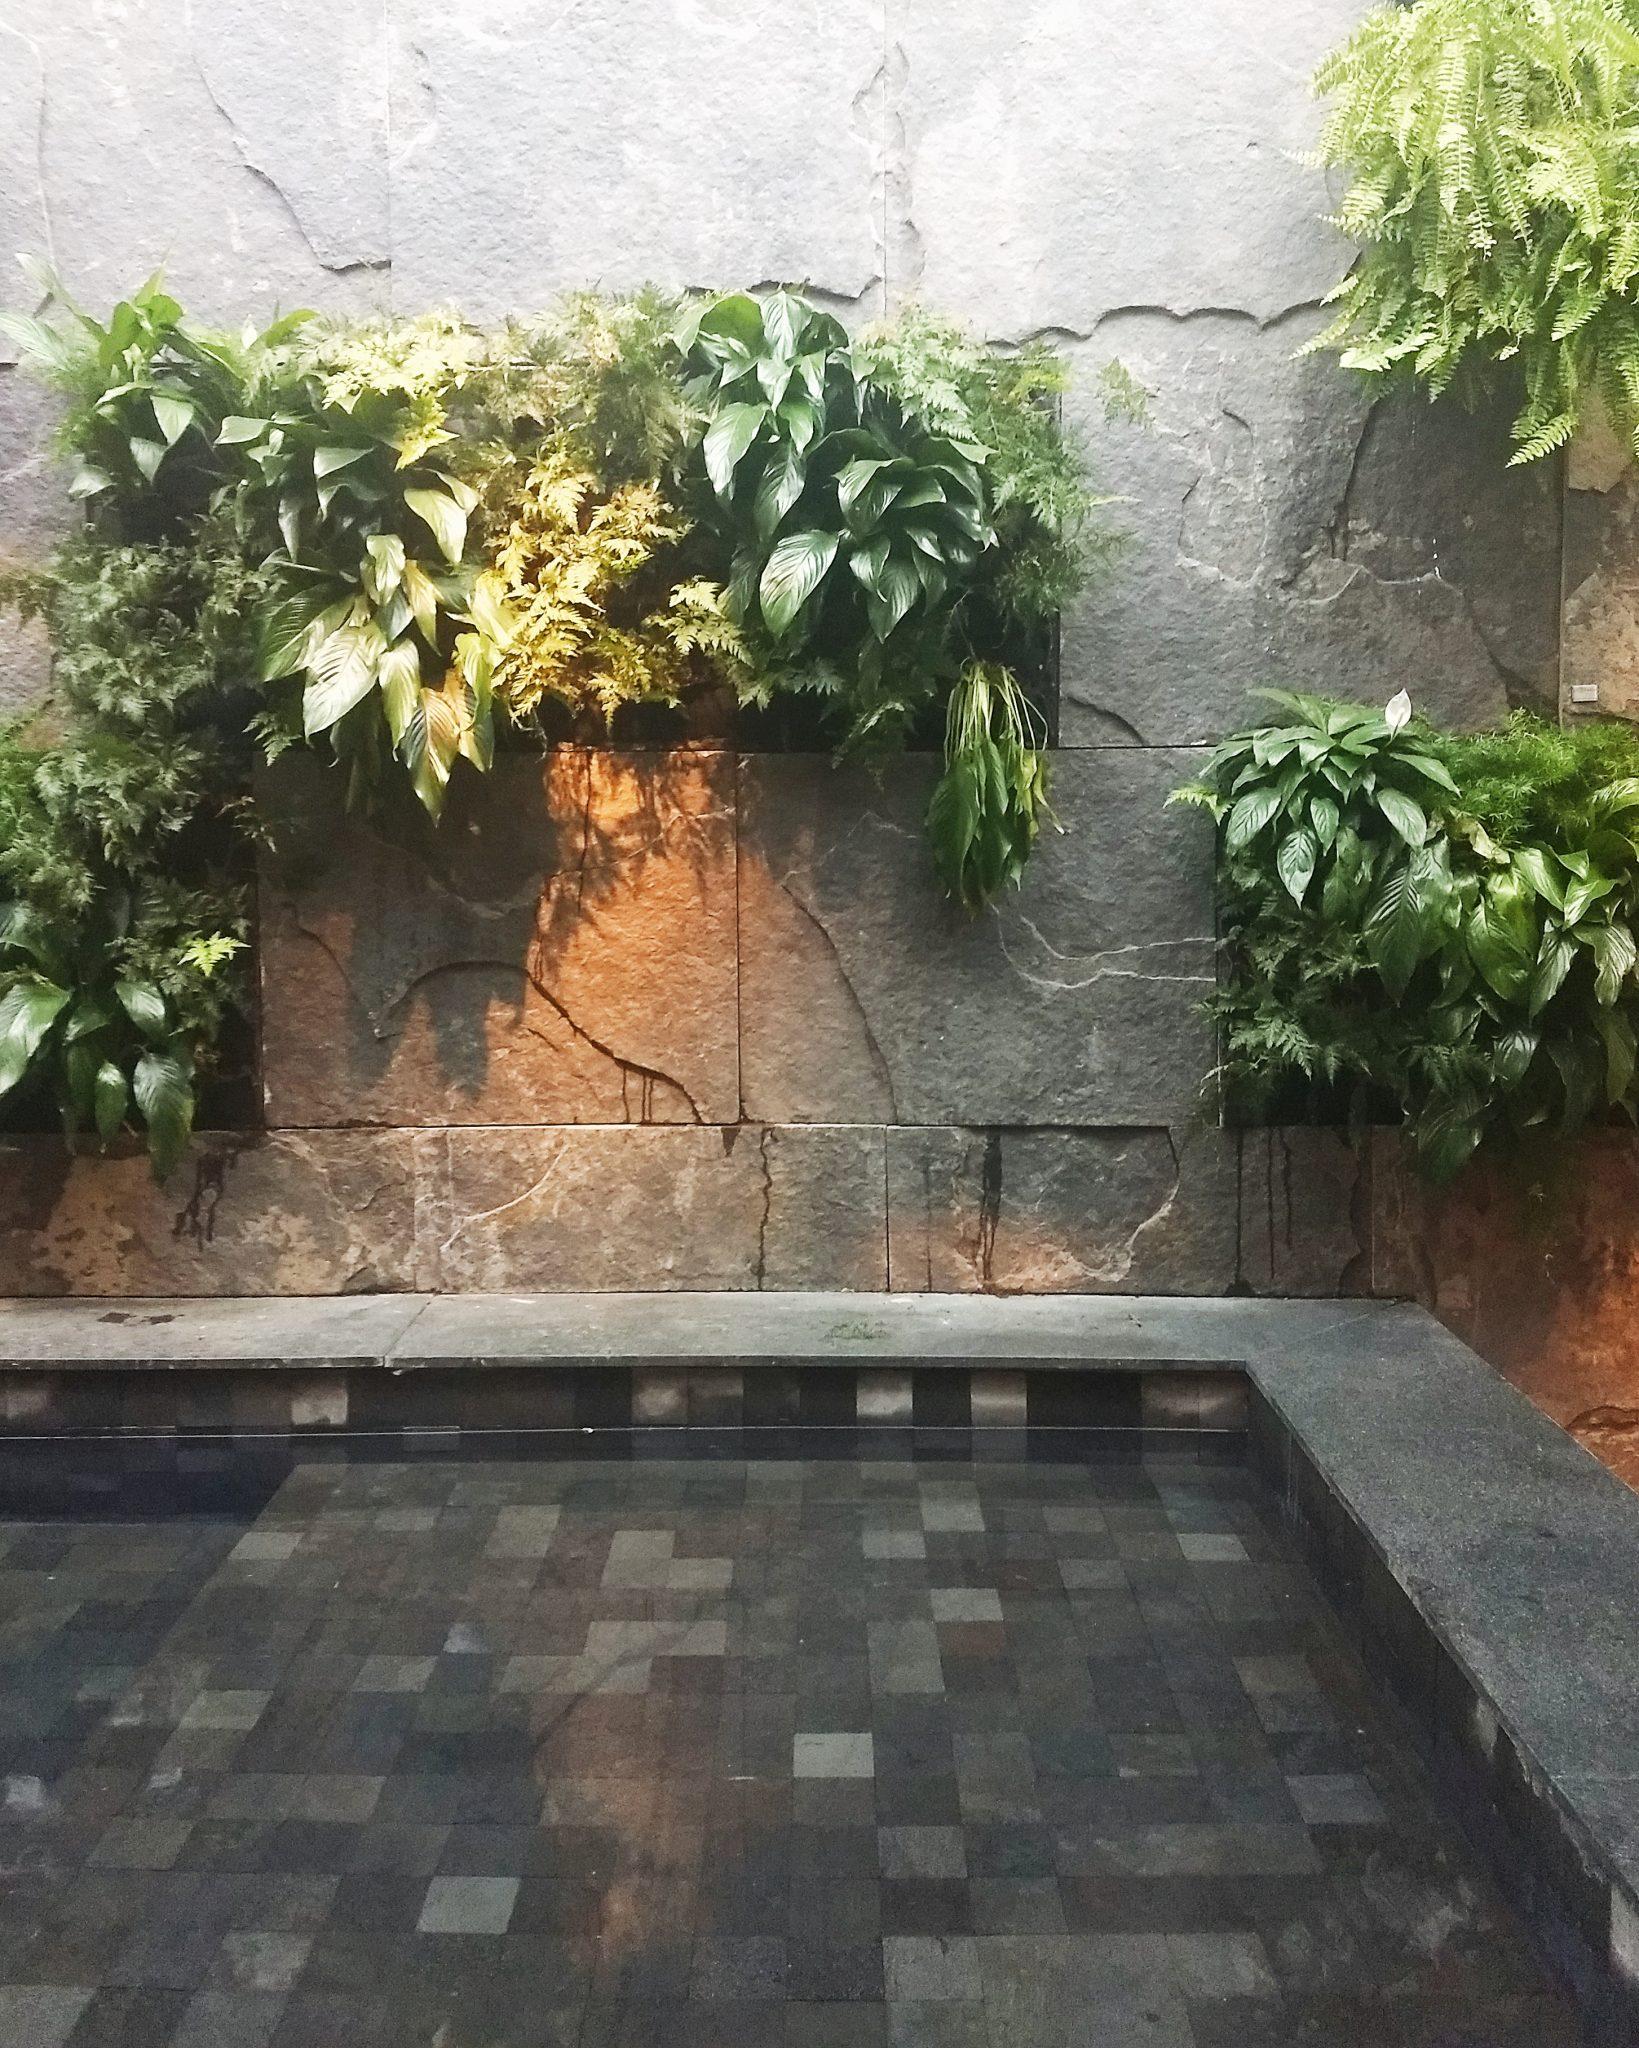 Jardim com piscina onde eu queria ter ficado até o final da mostra hehe